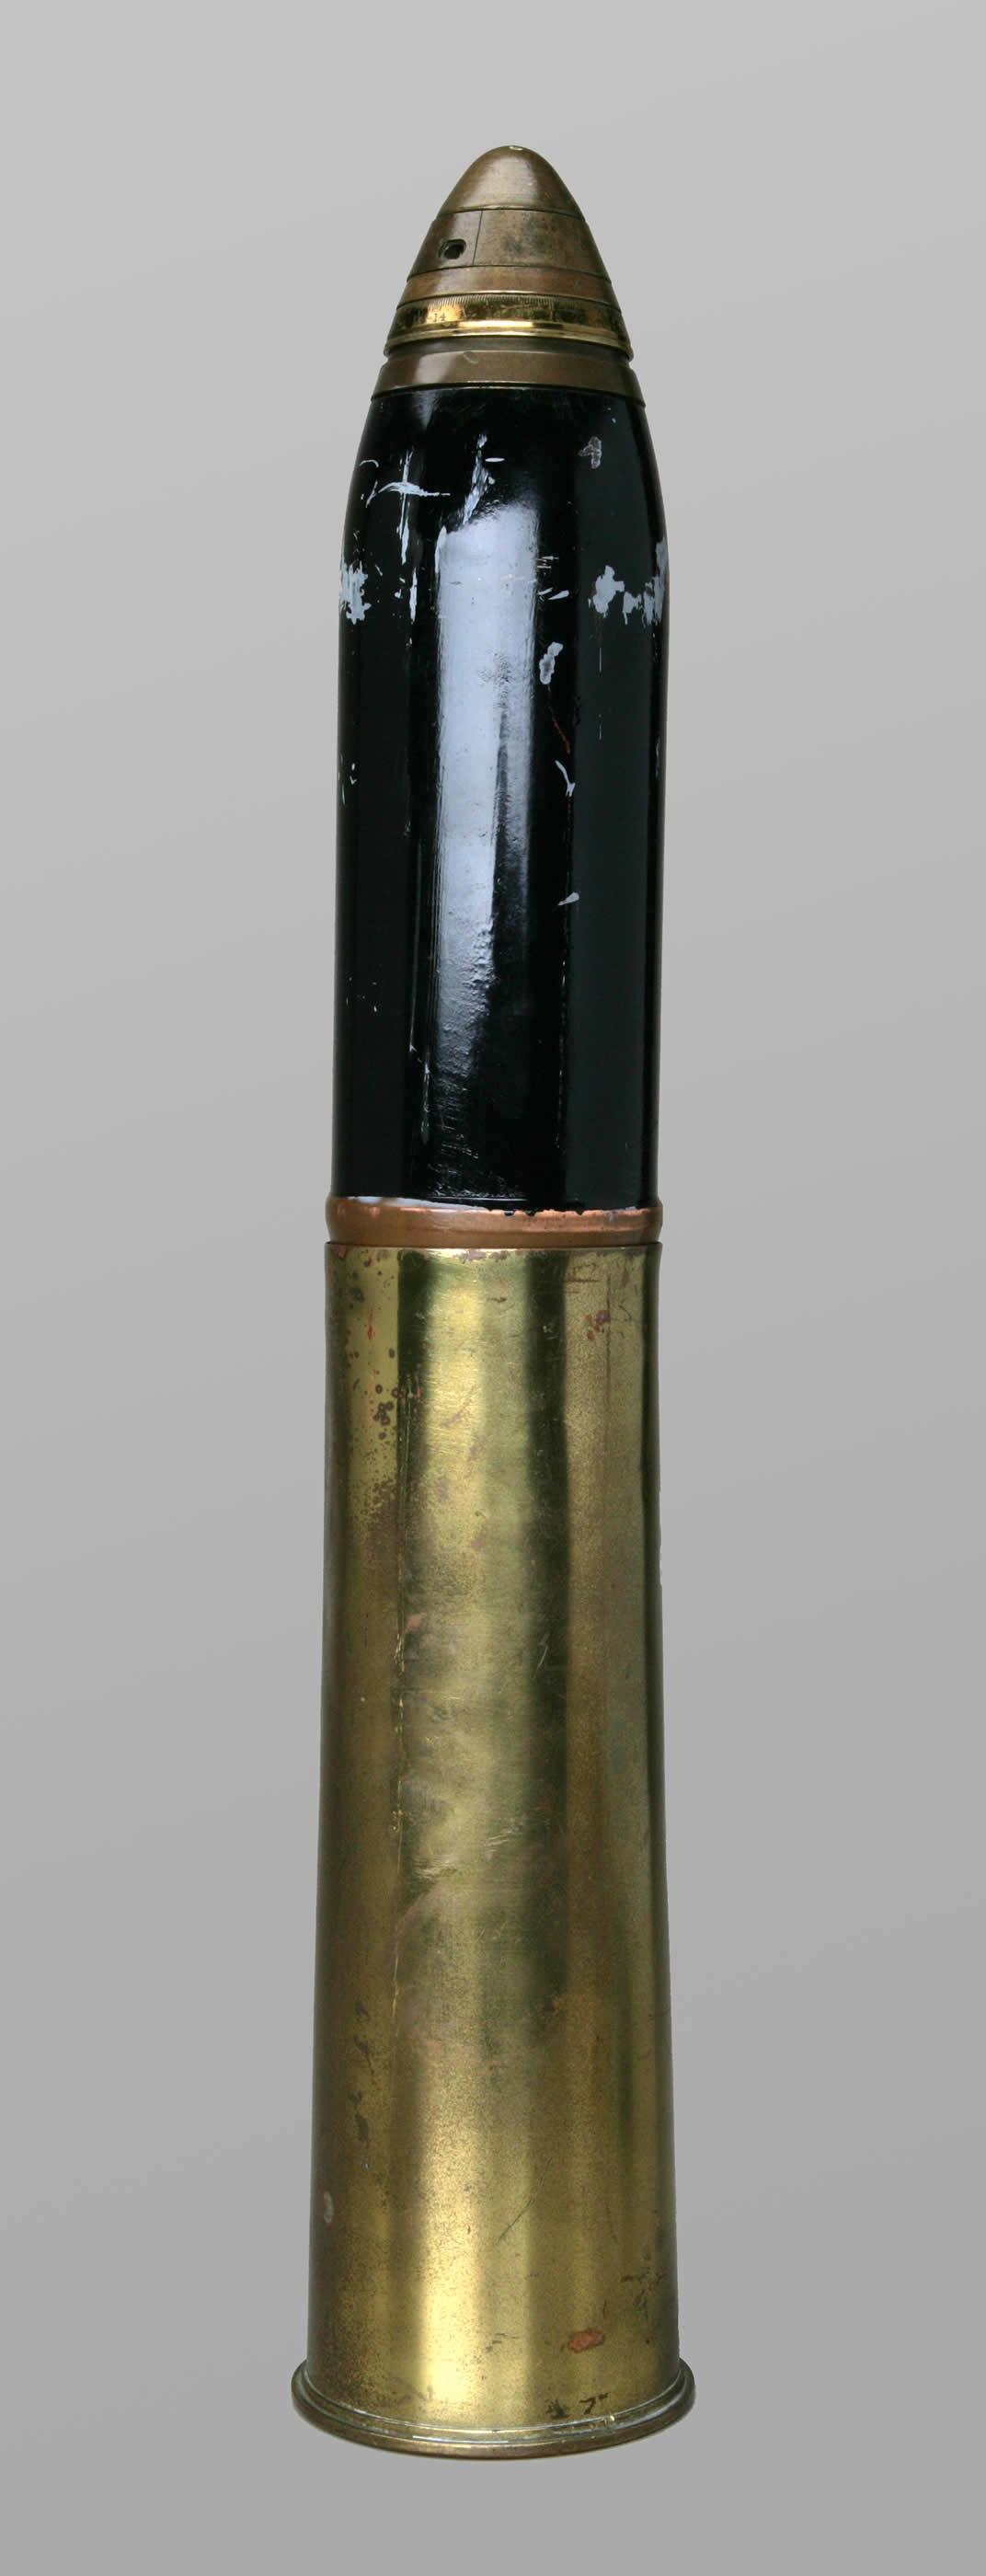 18-pounder Artillery Shell